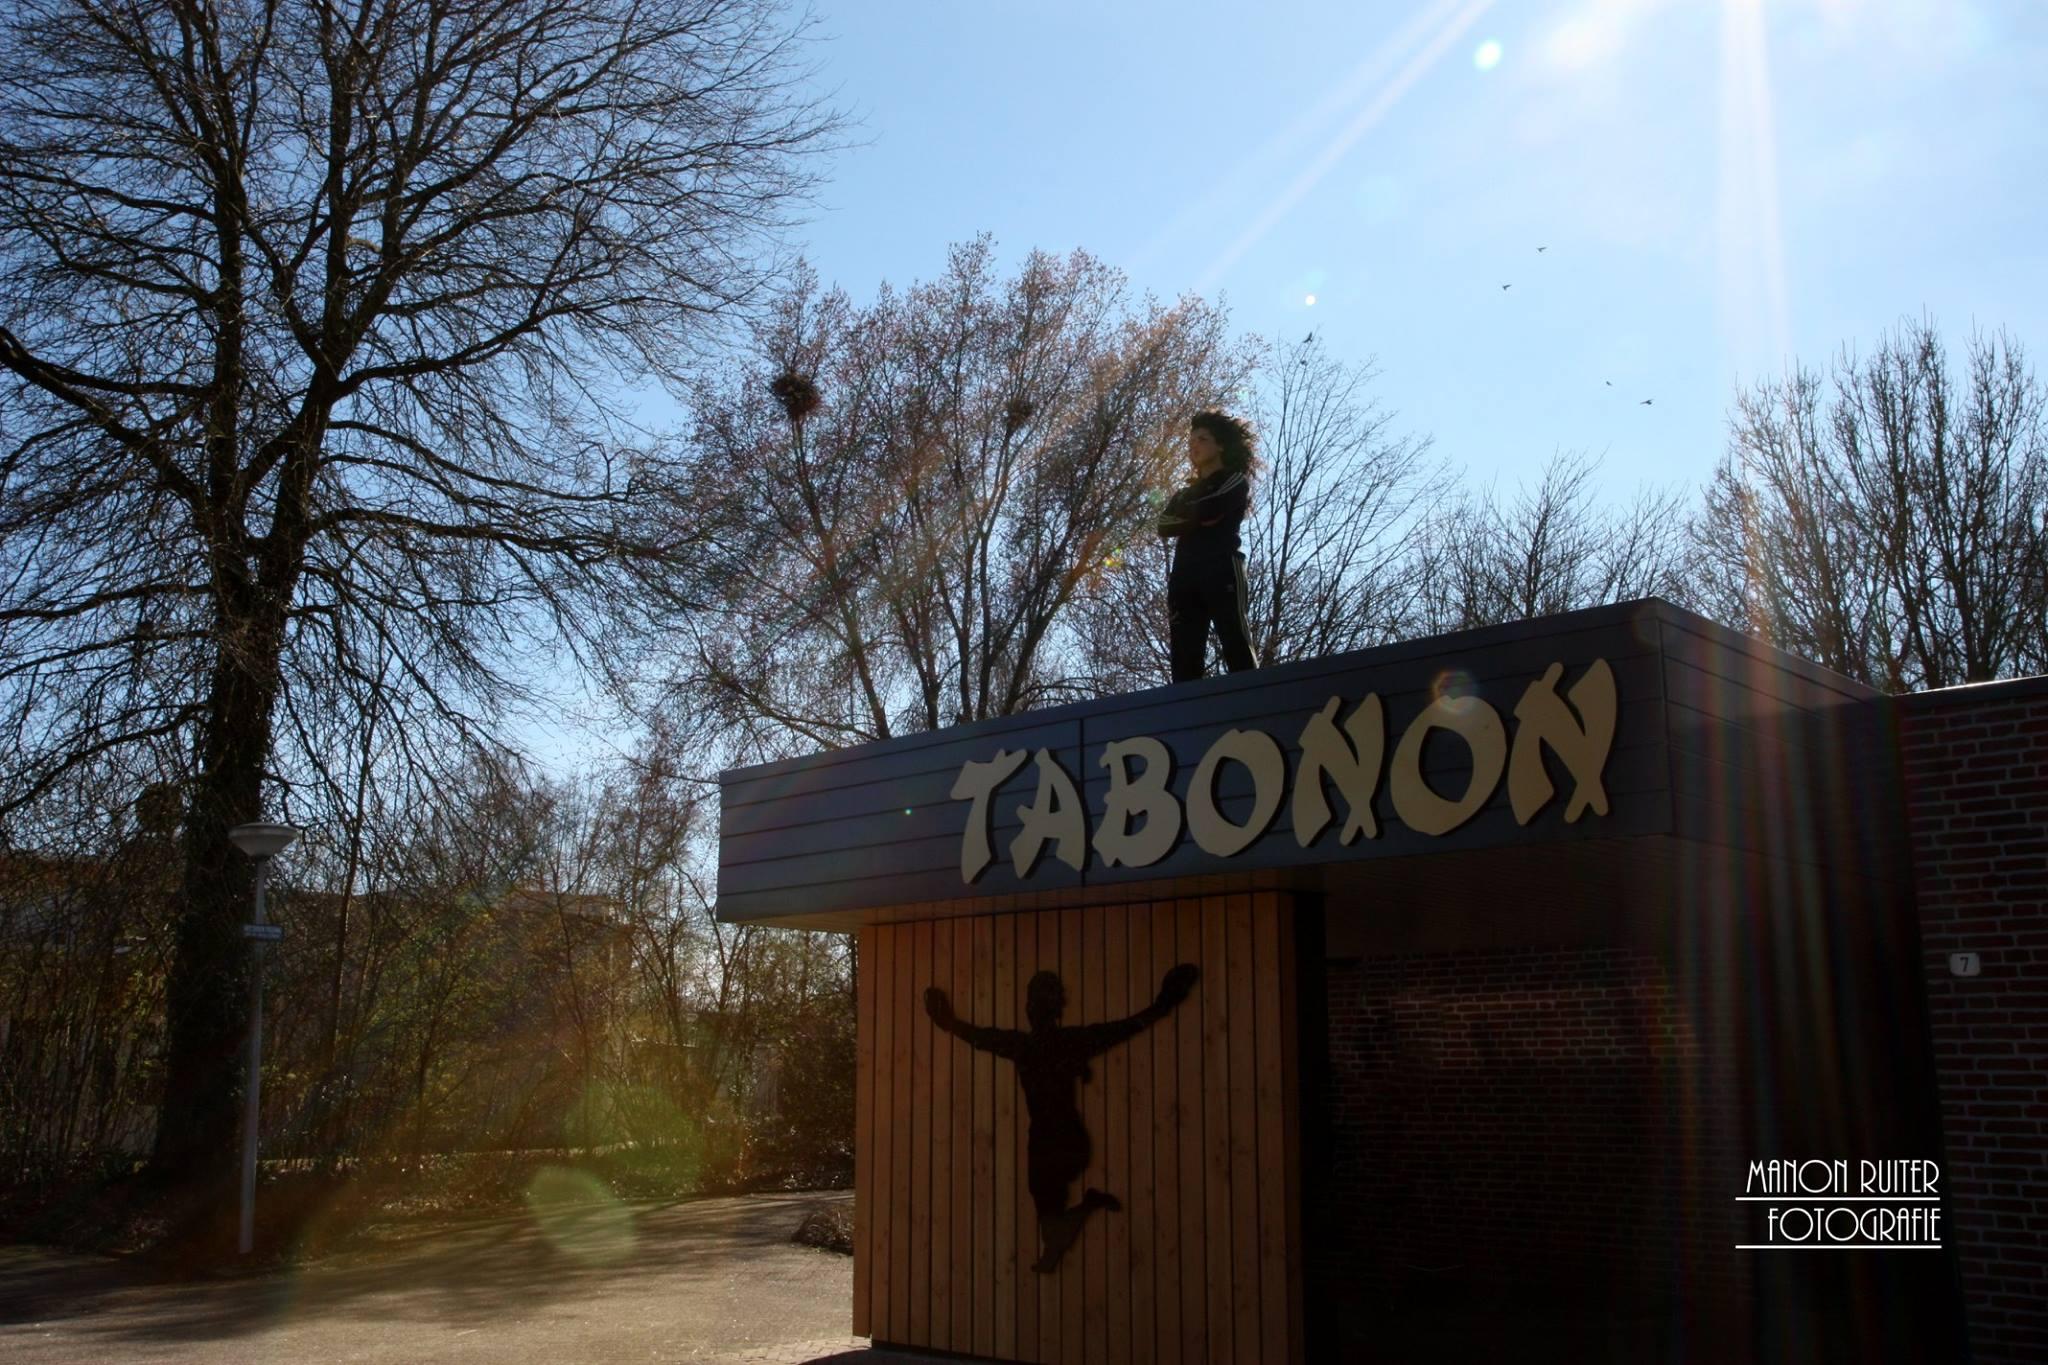 tabonon_owner_neok_design_koen_venneman